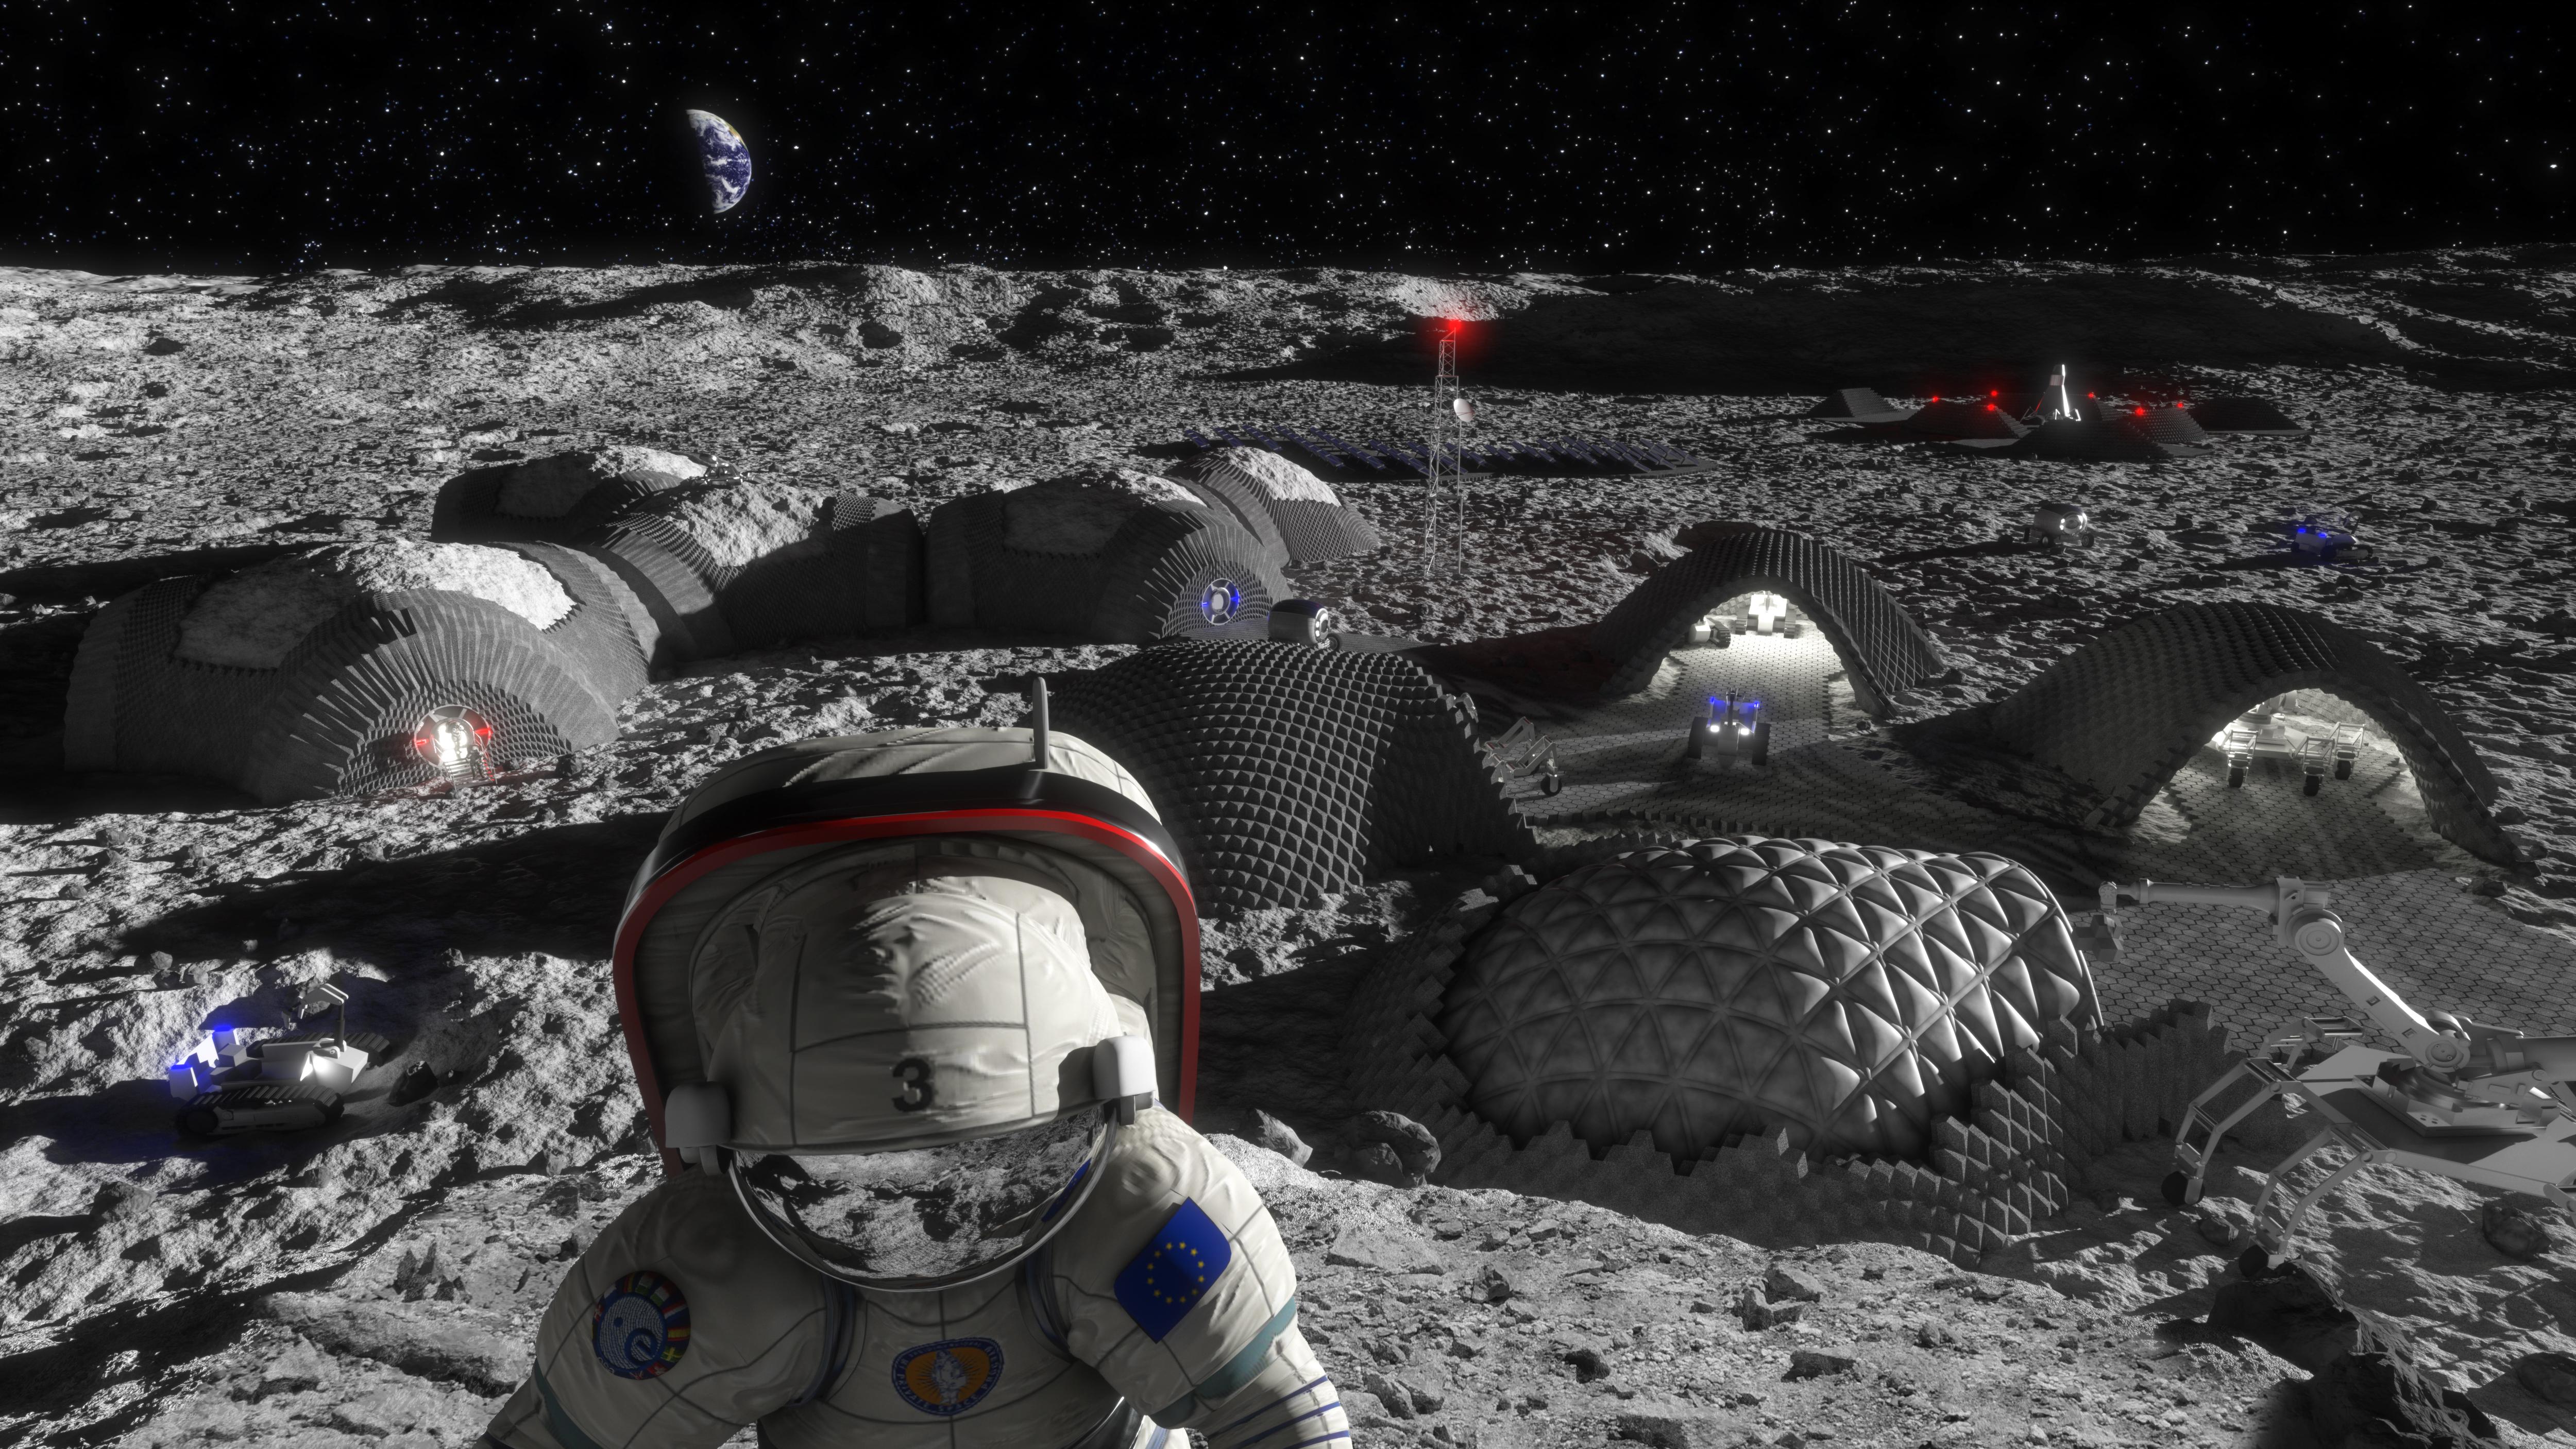 moon base materials - photo #7